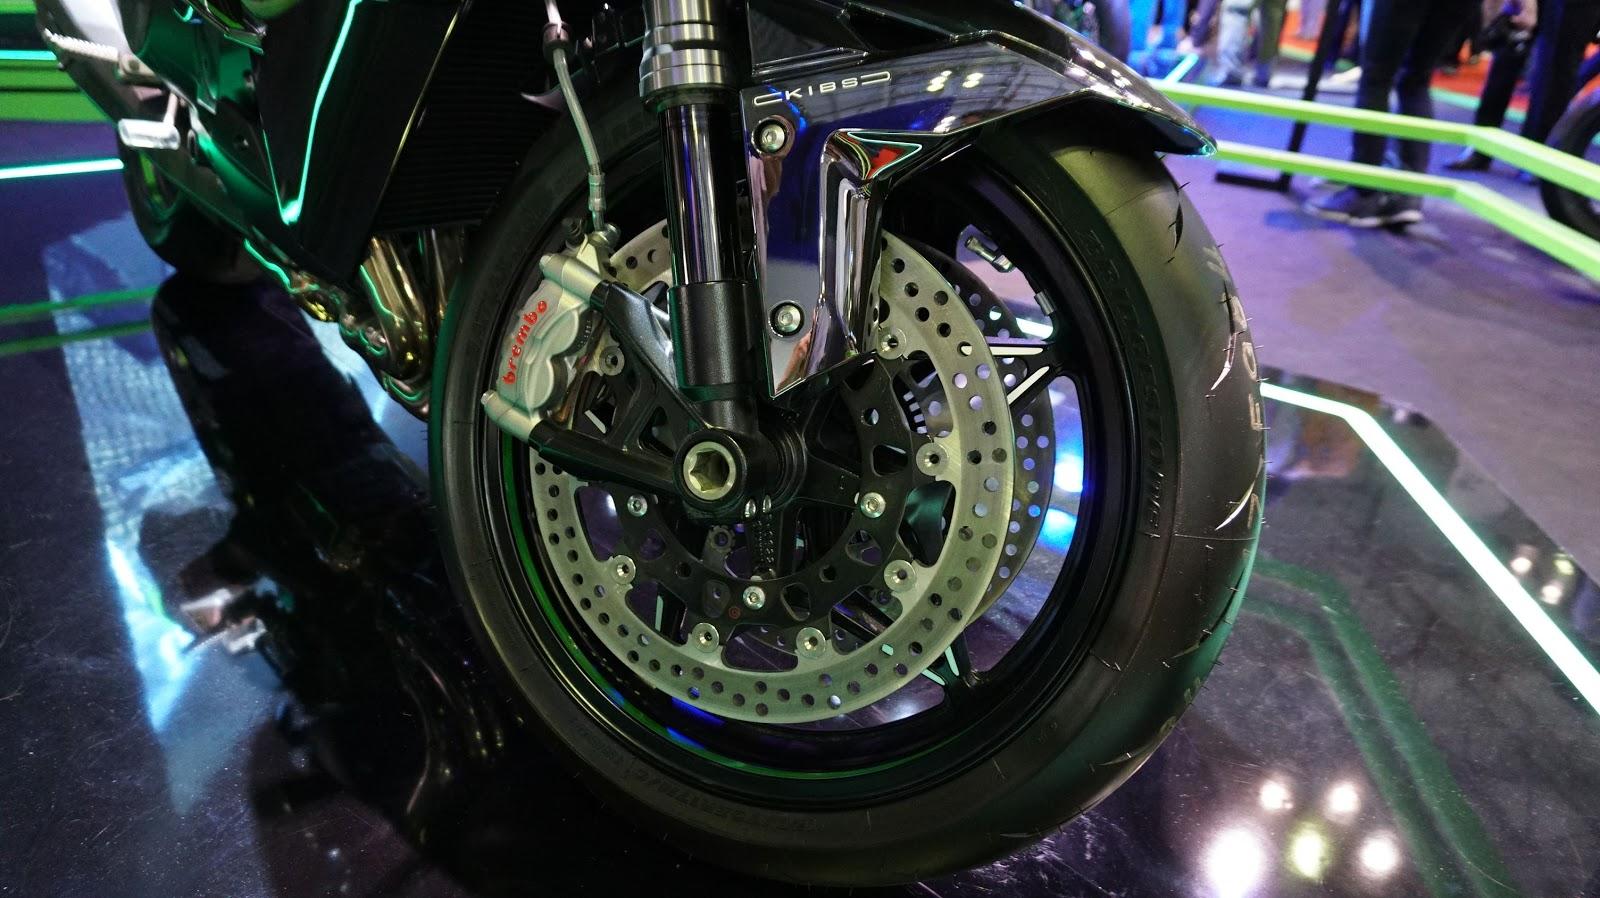 Hệ thống phanh ABS hai đĩa và giảm sốc ống lồng của Kawasaki Ninja H2